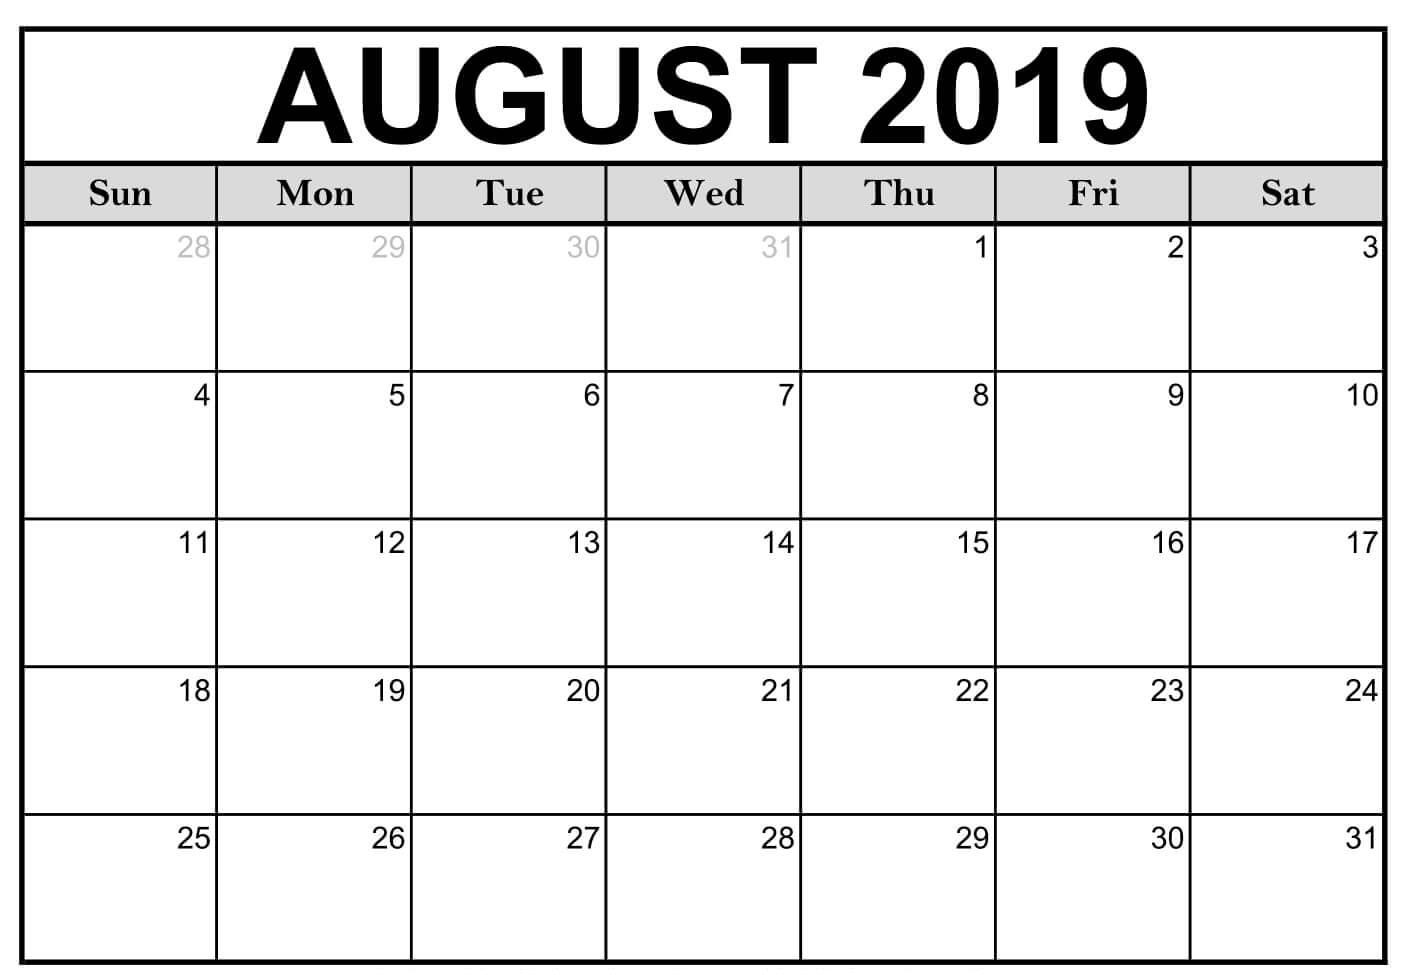 Fillable August 2019 Calendar